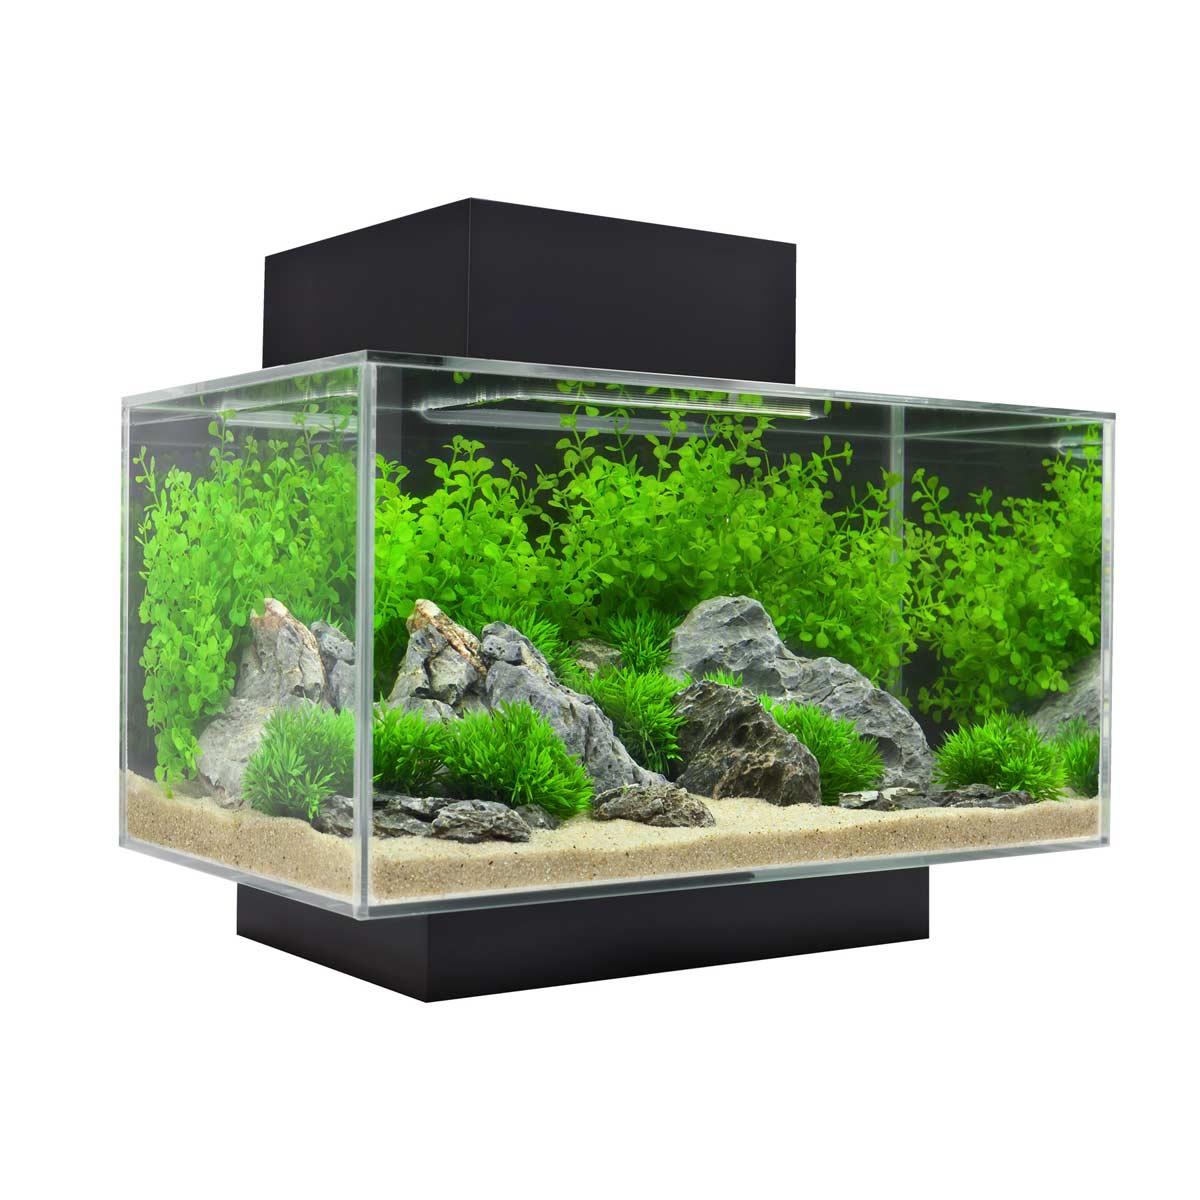 Fluval Chi Aquarium 6.6 Gallons | Fluval Chi | Fluval Chi 6.6 Gallon